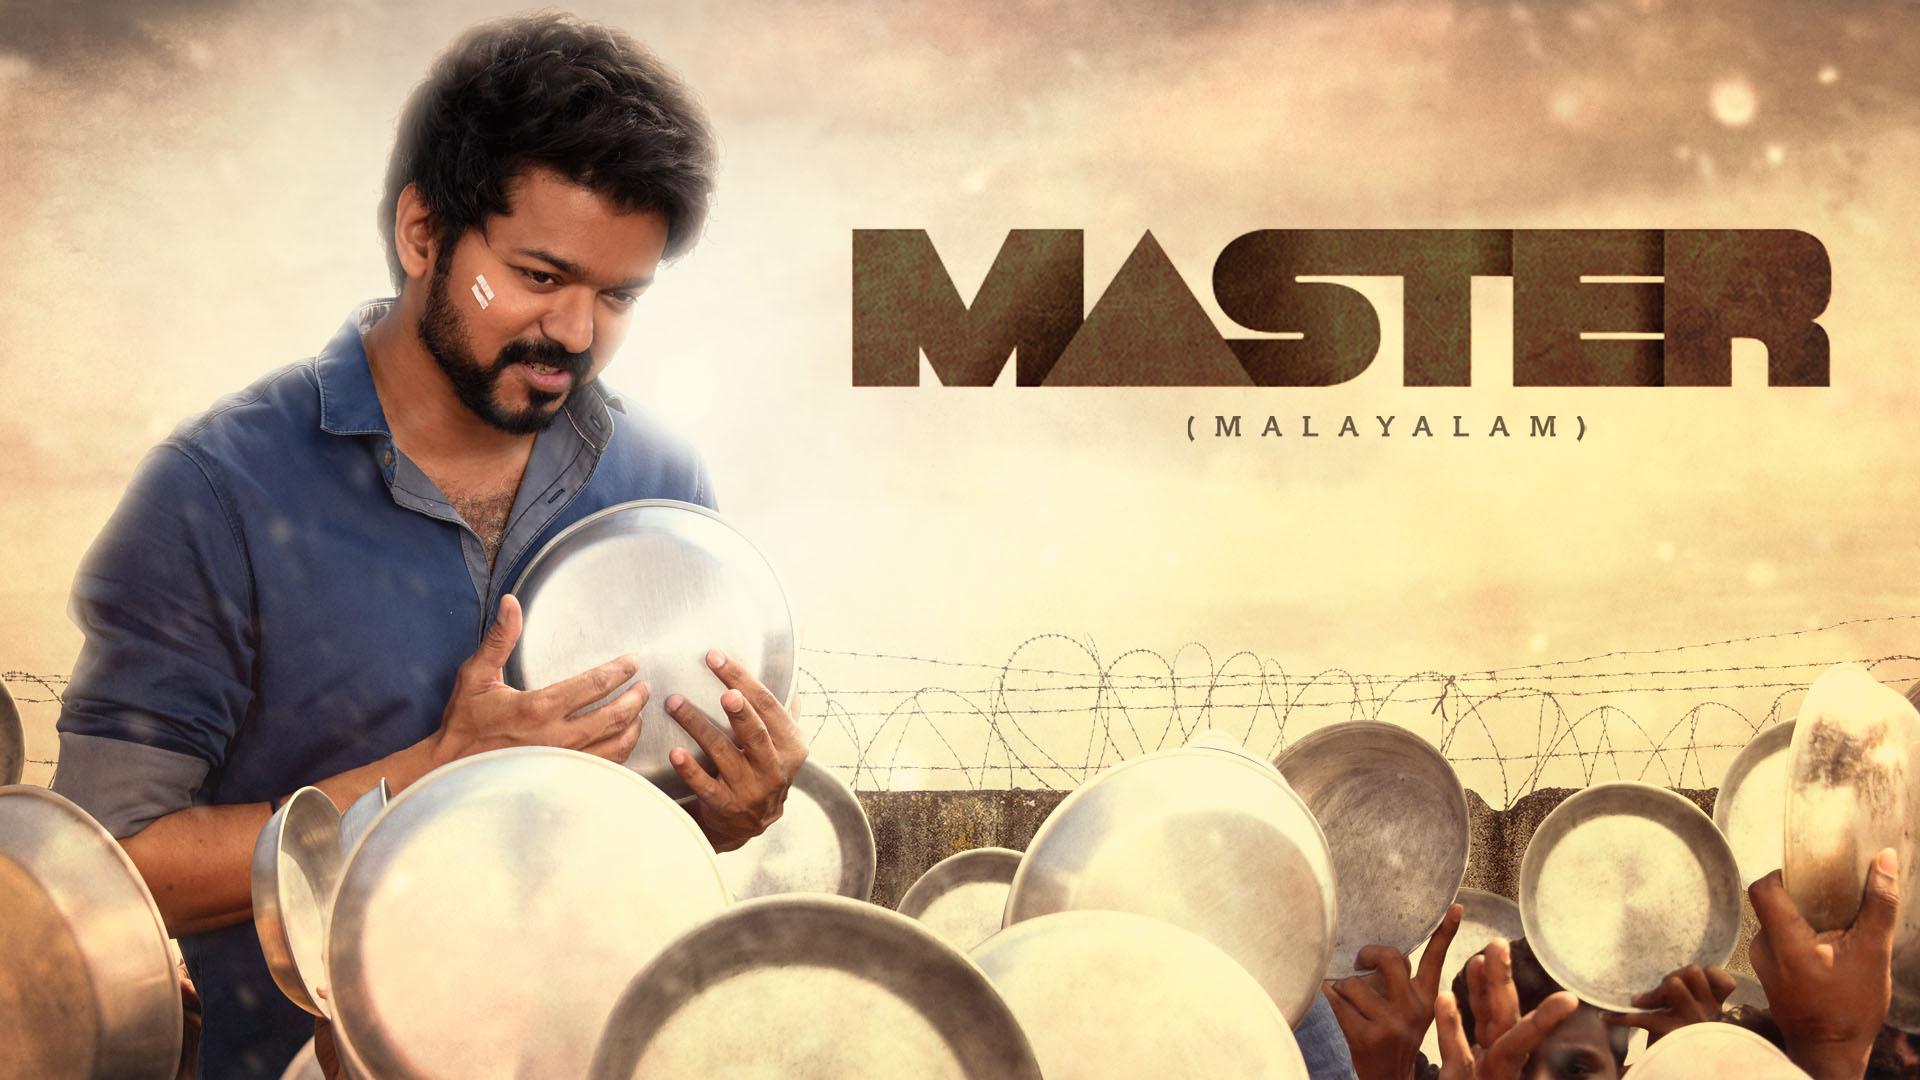 Master (Malayalam)